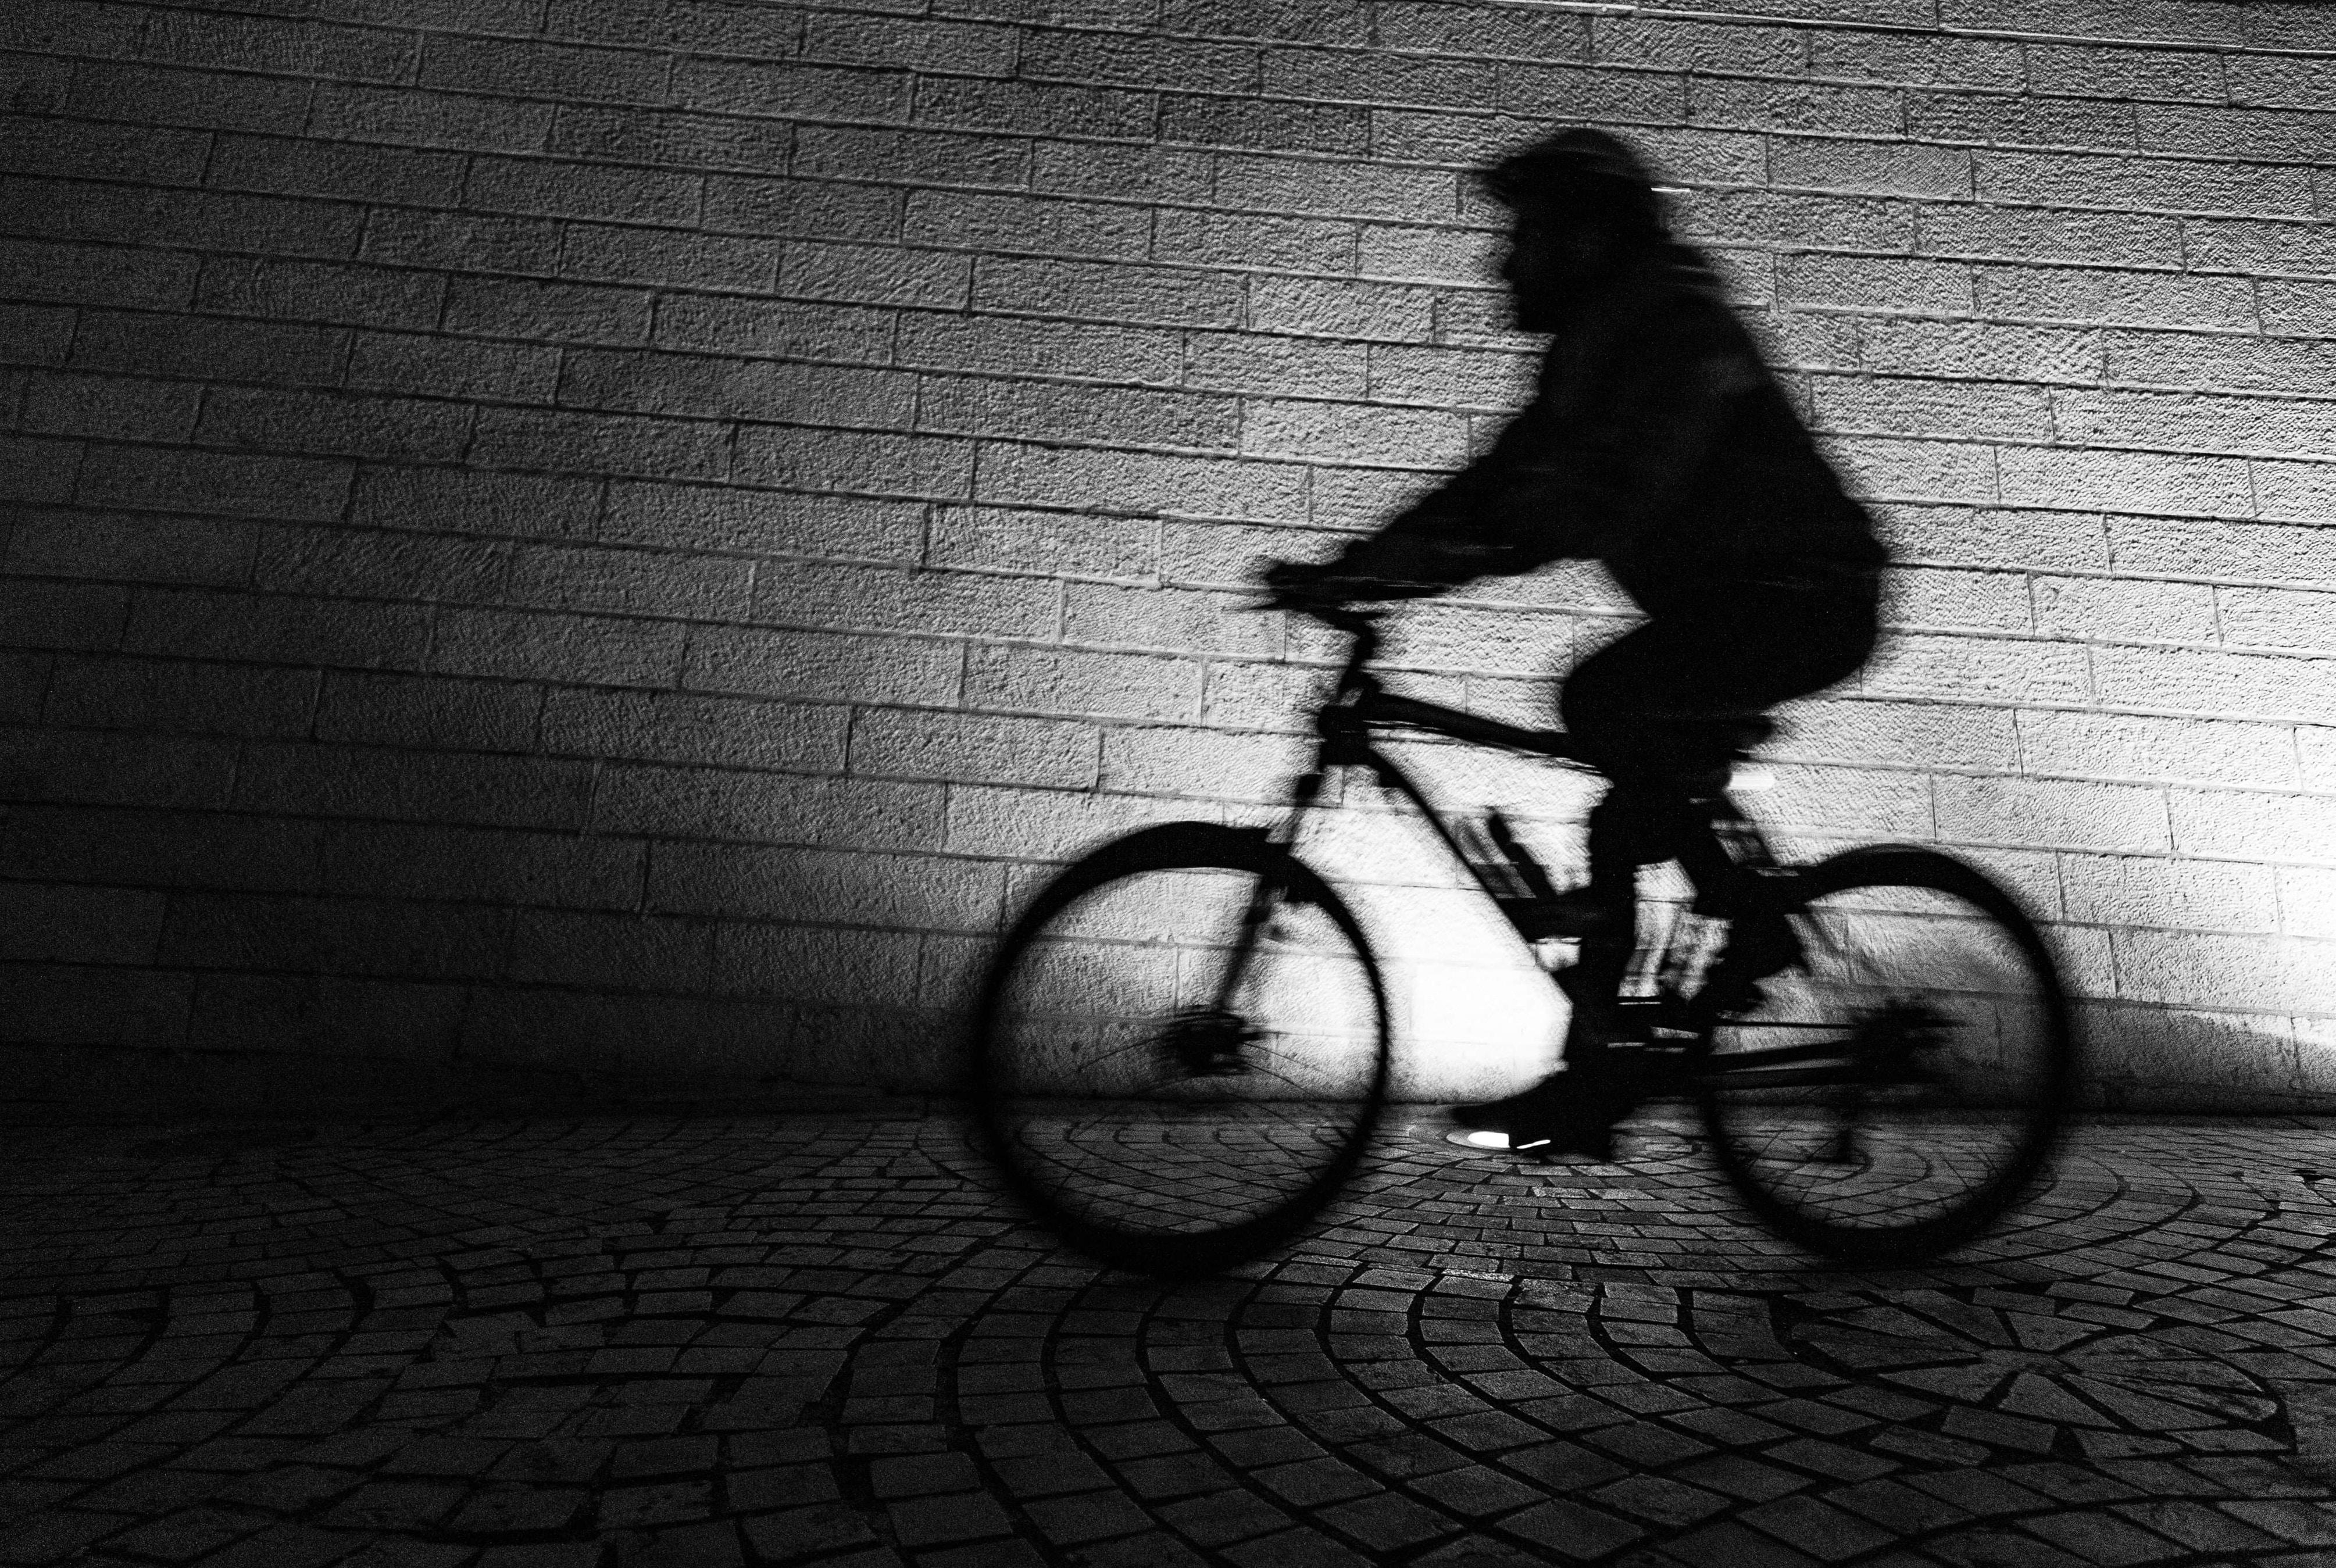 silhouette of biker inside tunnel